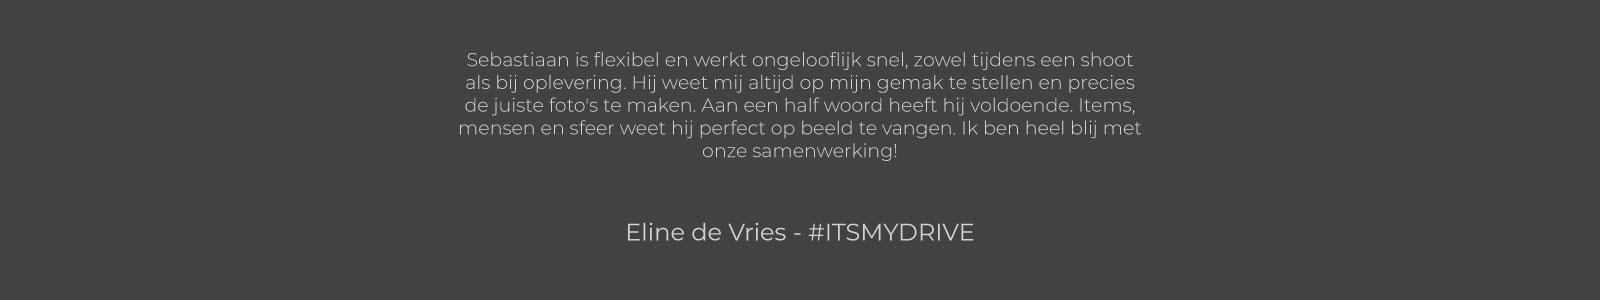 Eline de Vries - #ITSMYDRIVE